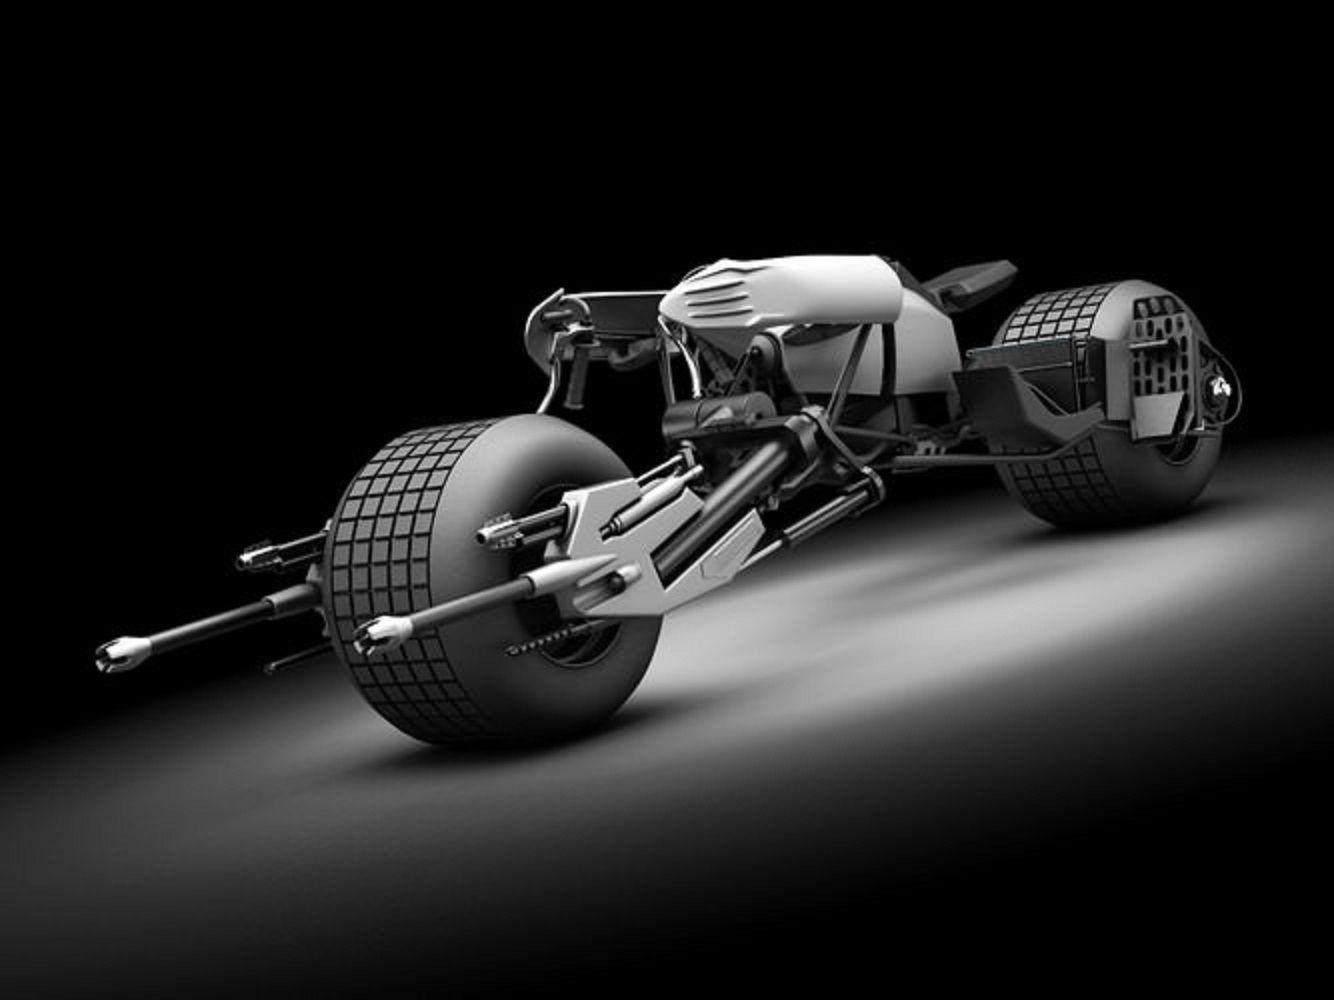 Η αυτόνομη μοτοσυκλέτα της Ford